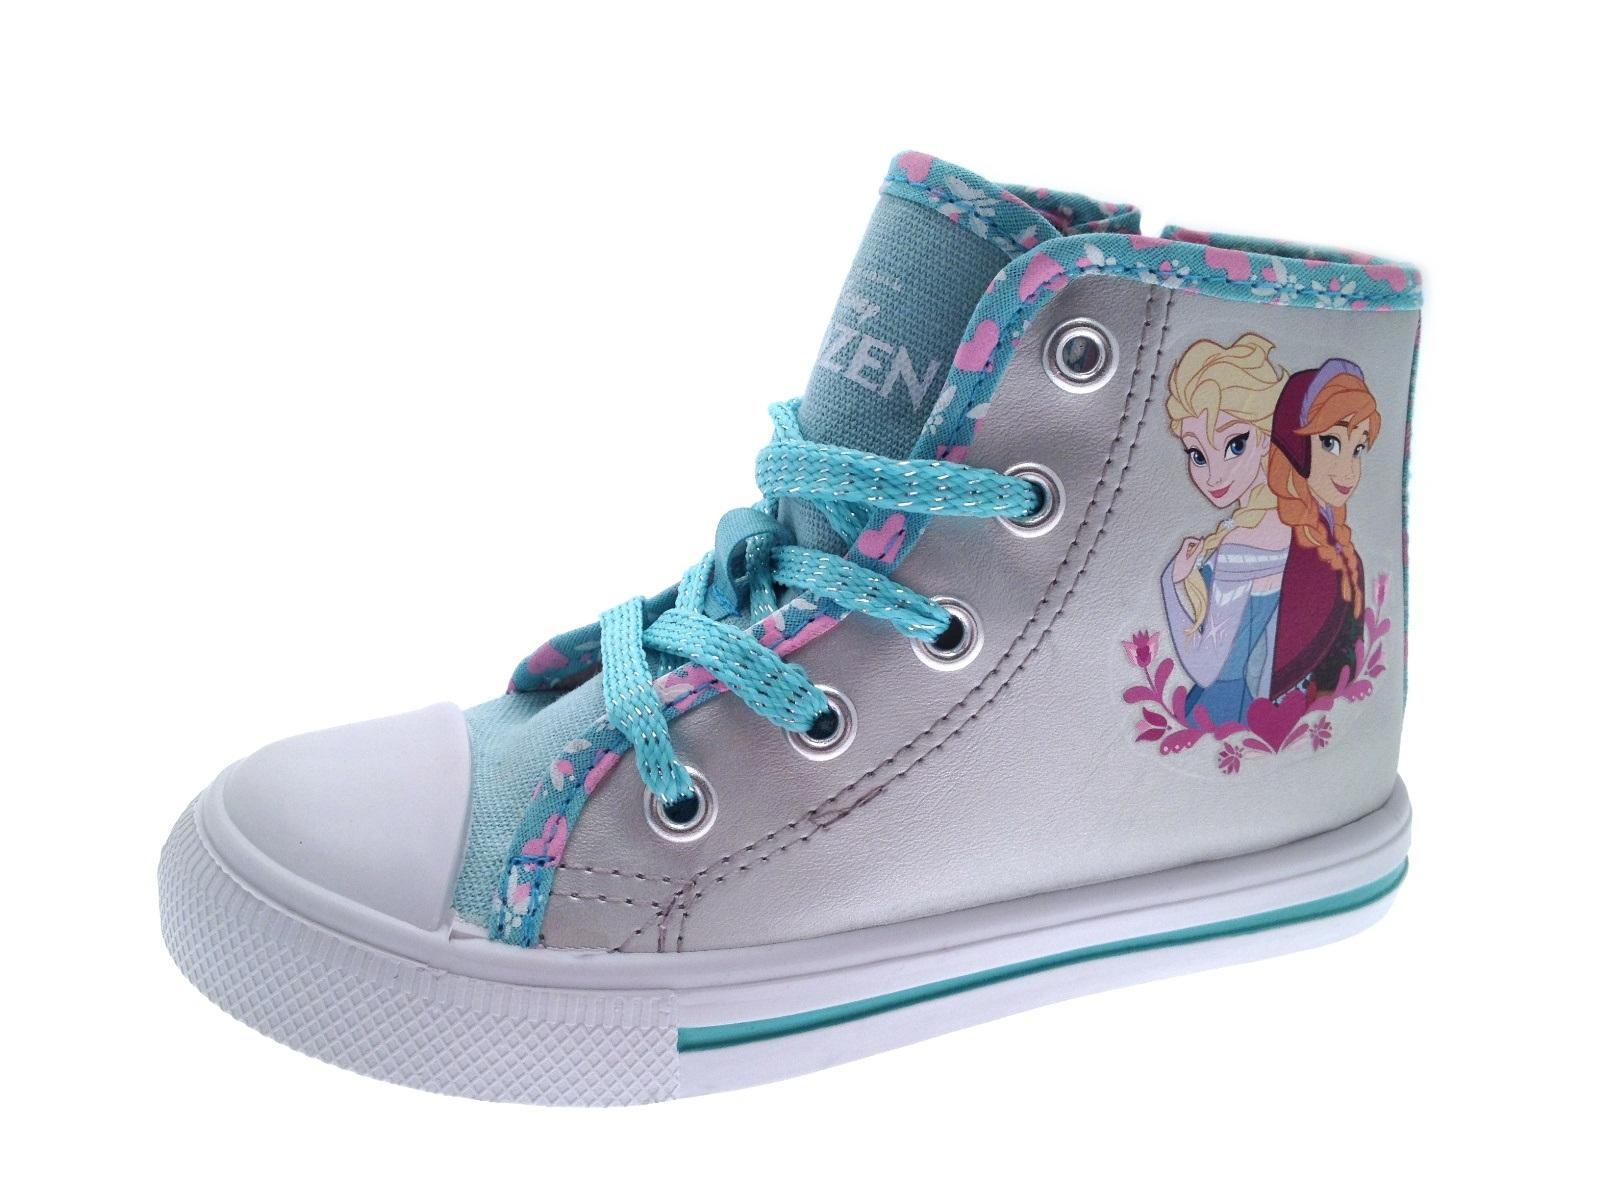 Kids Girls Disney Frozen Lace Up Hi Tops Boots Pumps Trainers Shoes ... 75e92c592c4